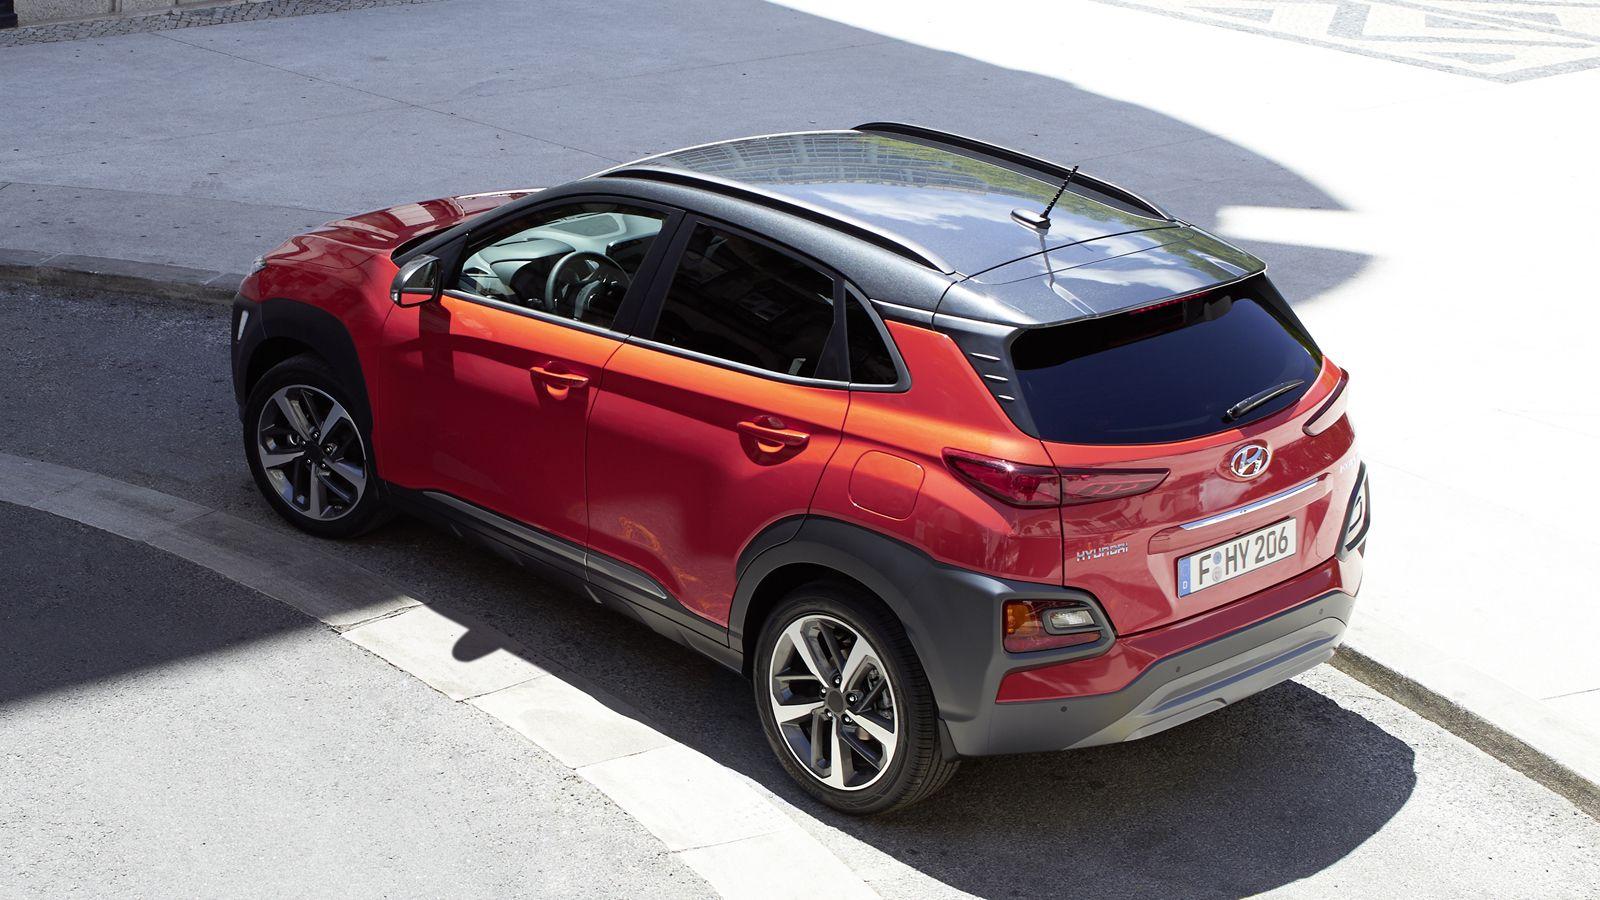 Suv Hyundai Hyundai